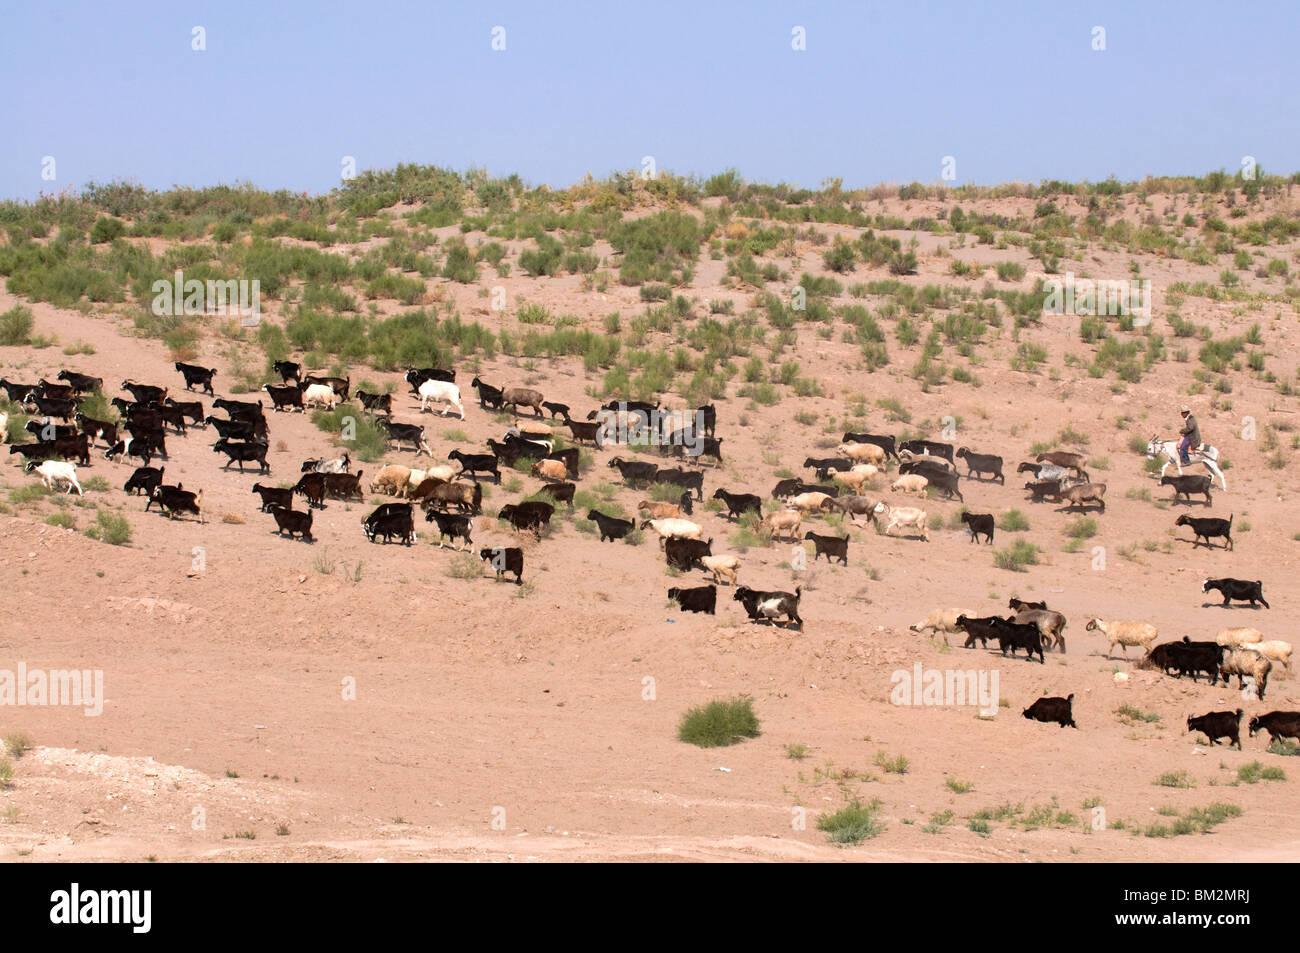 Herd of goats, Karakol desert, Turkmenistan - Stock Image